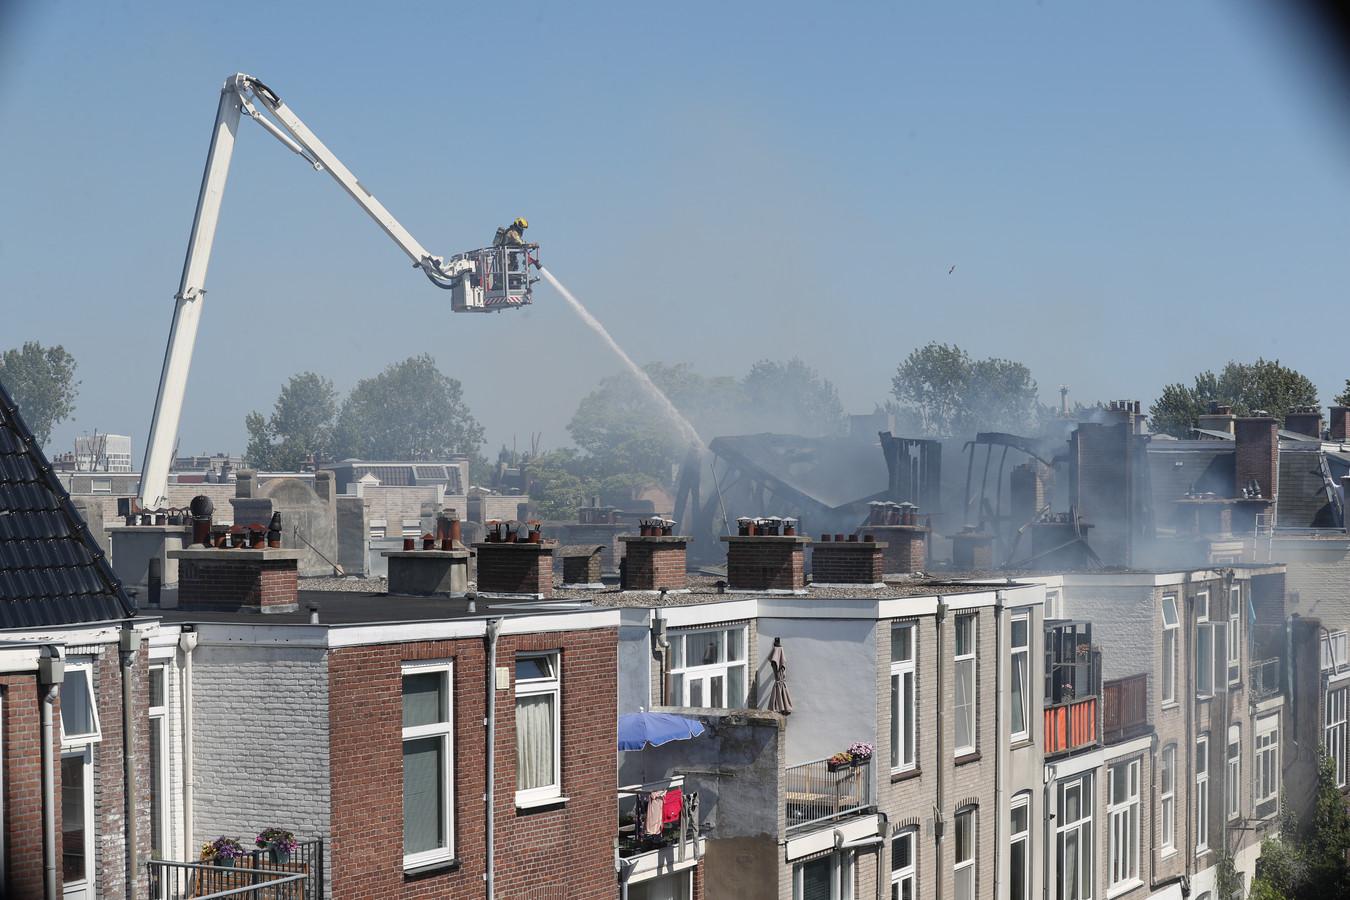 Hevige brand in de aanbouw van een woning aan de Voltastraat.